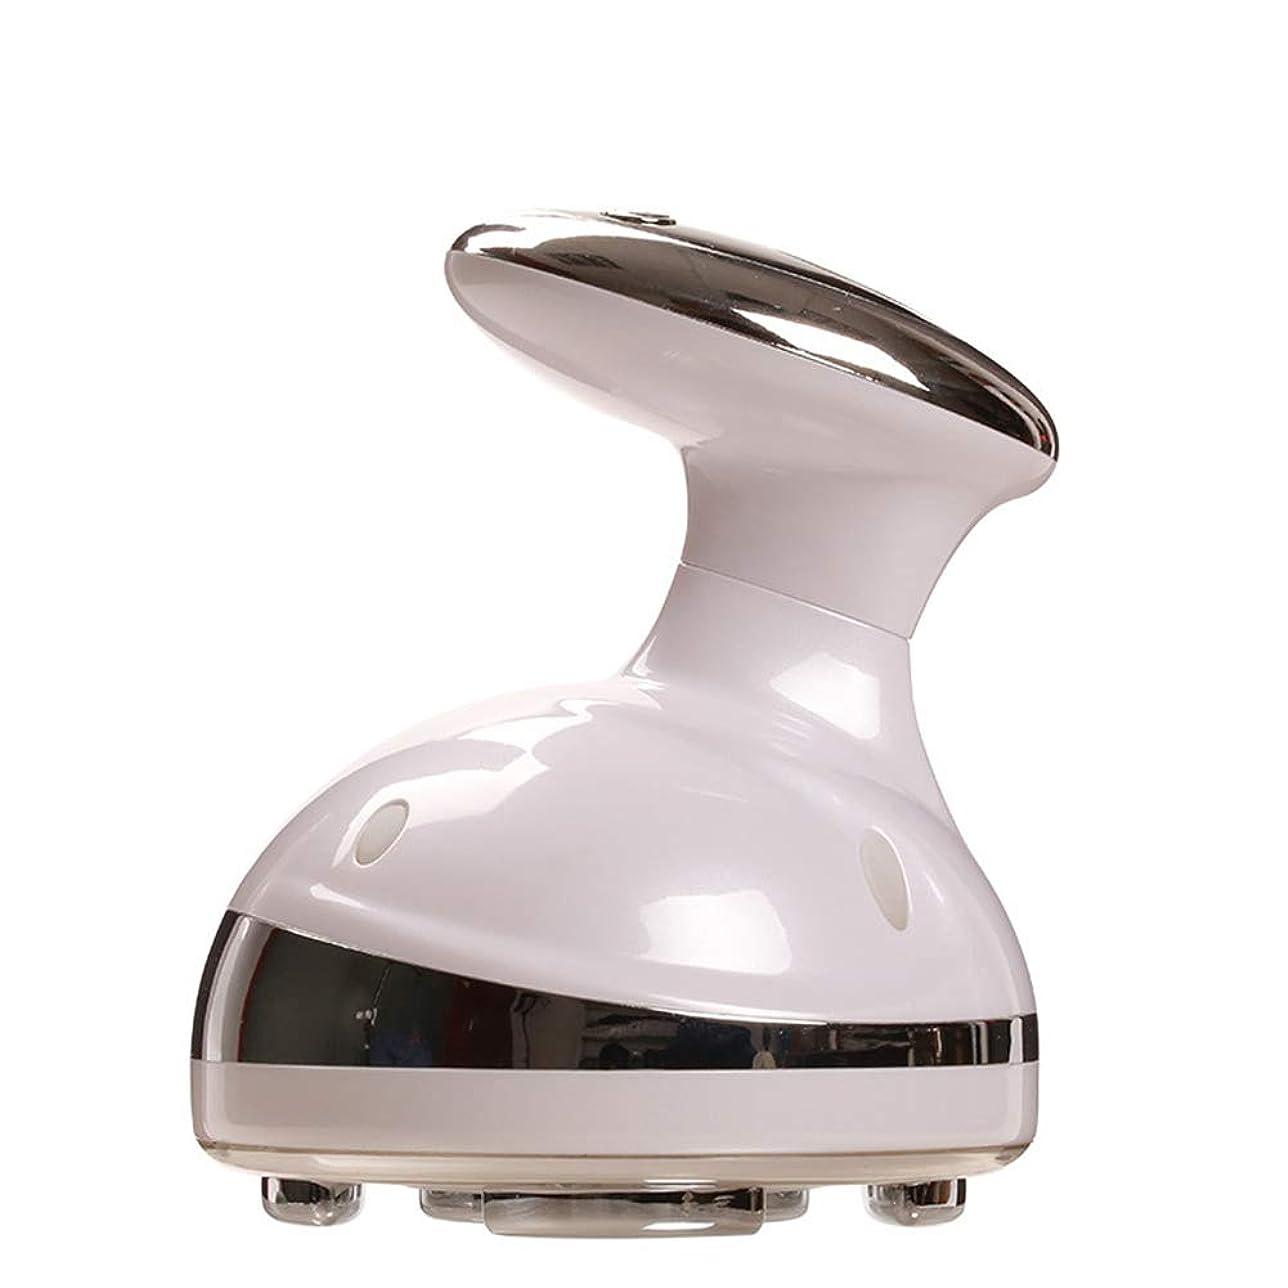 ファントム金属いつGQSZ脂肪除去キャビテーション美容機HD LCDレッドライトRFセラピーボディシェーピング超音波マッサージ減量ボディスリミングスキン引き締め,White